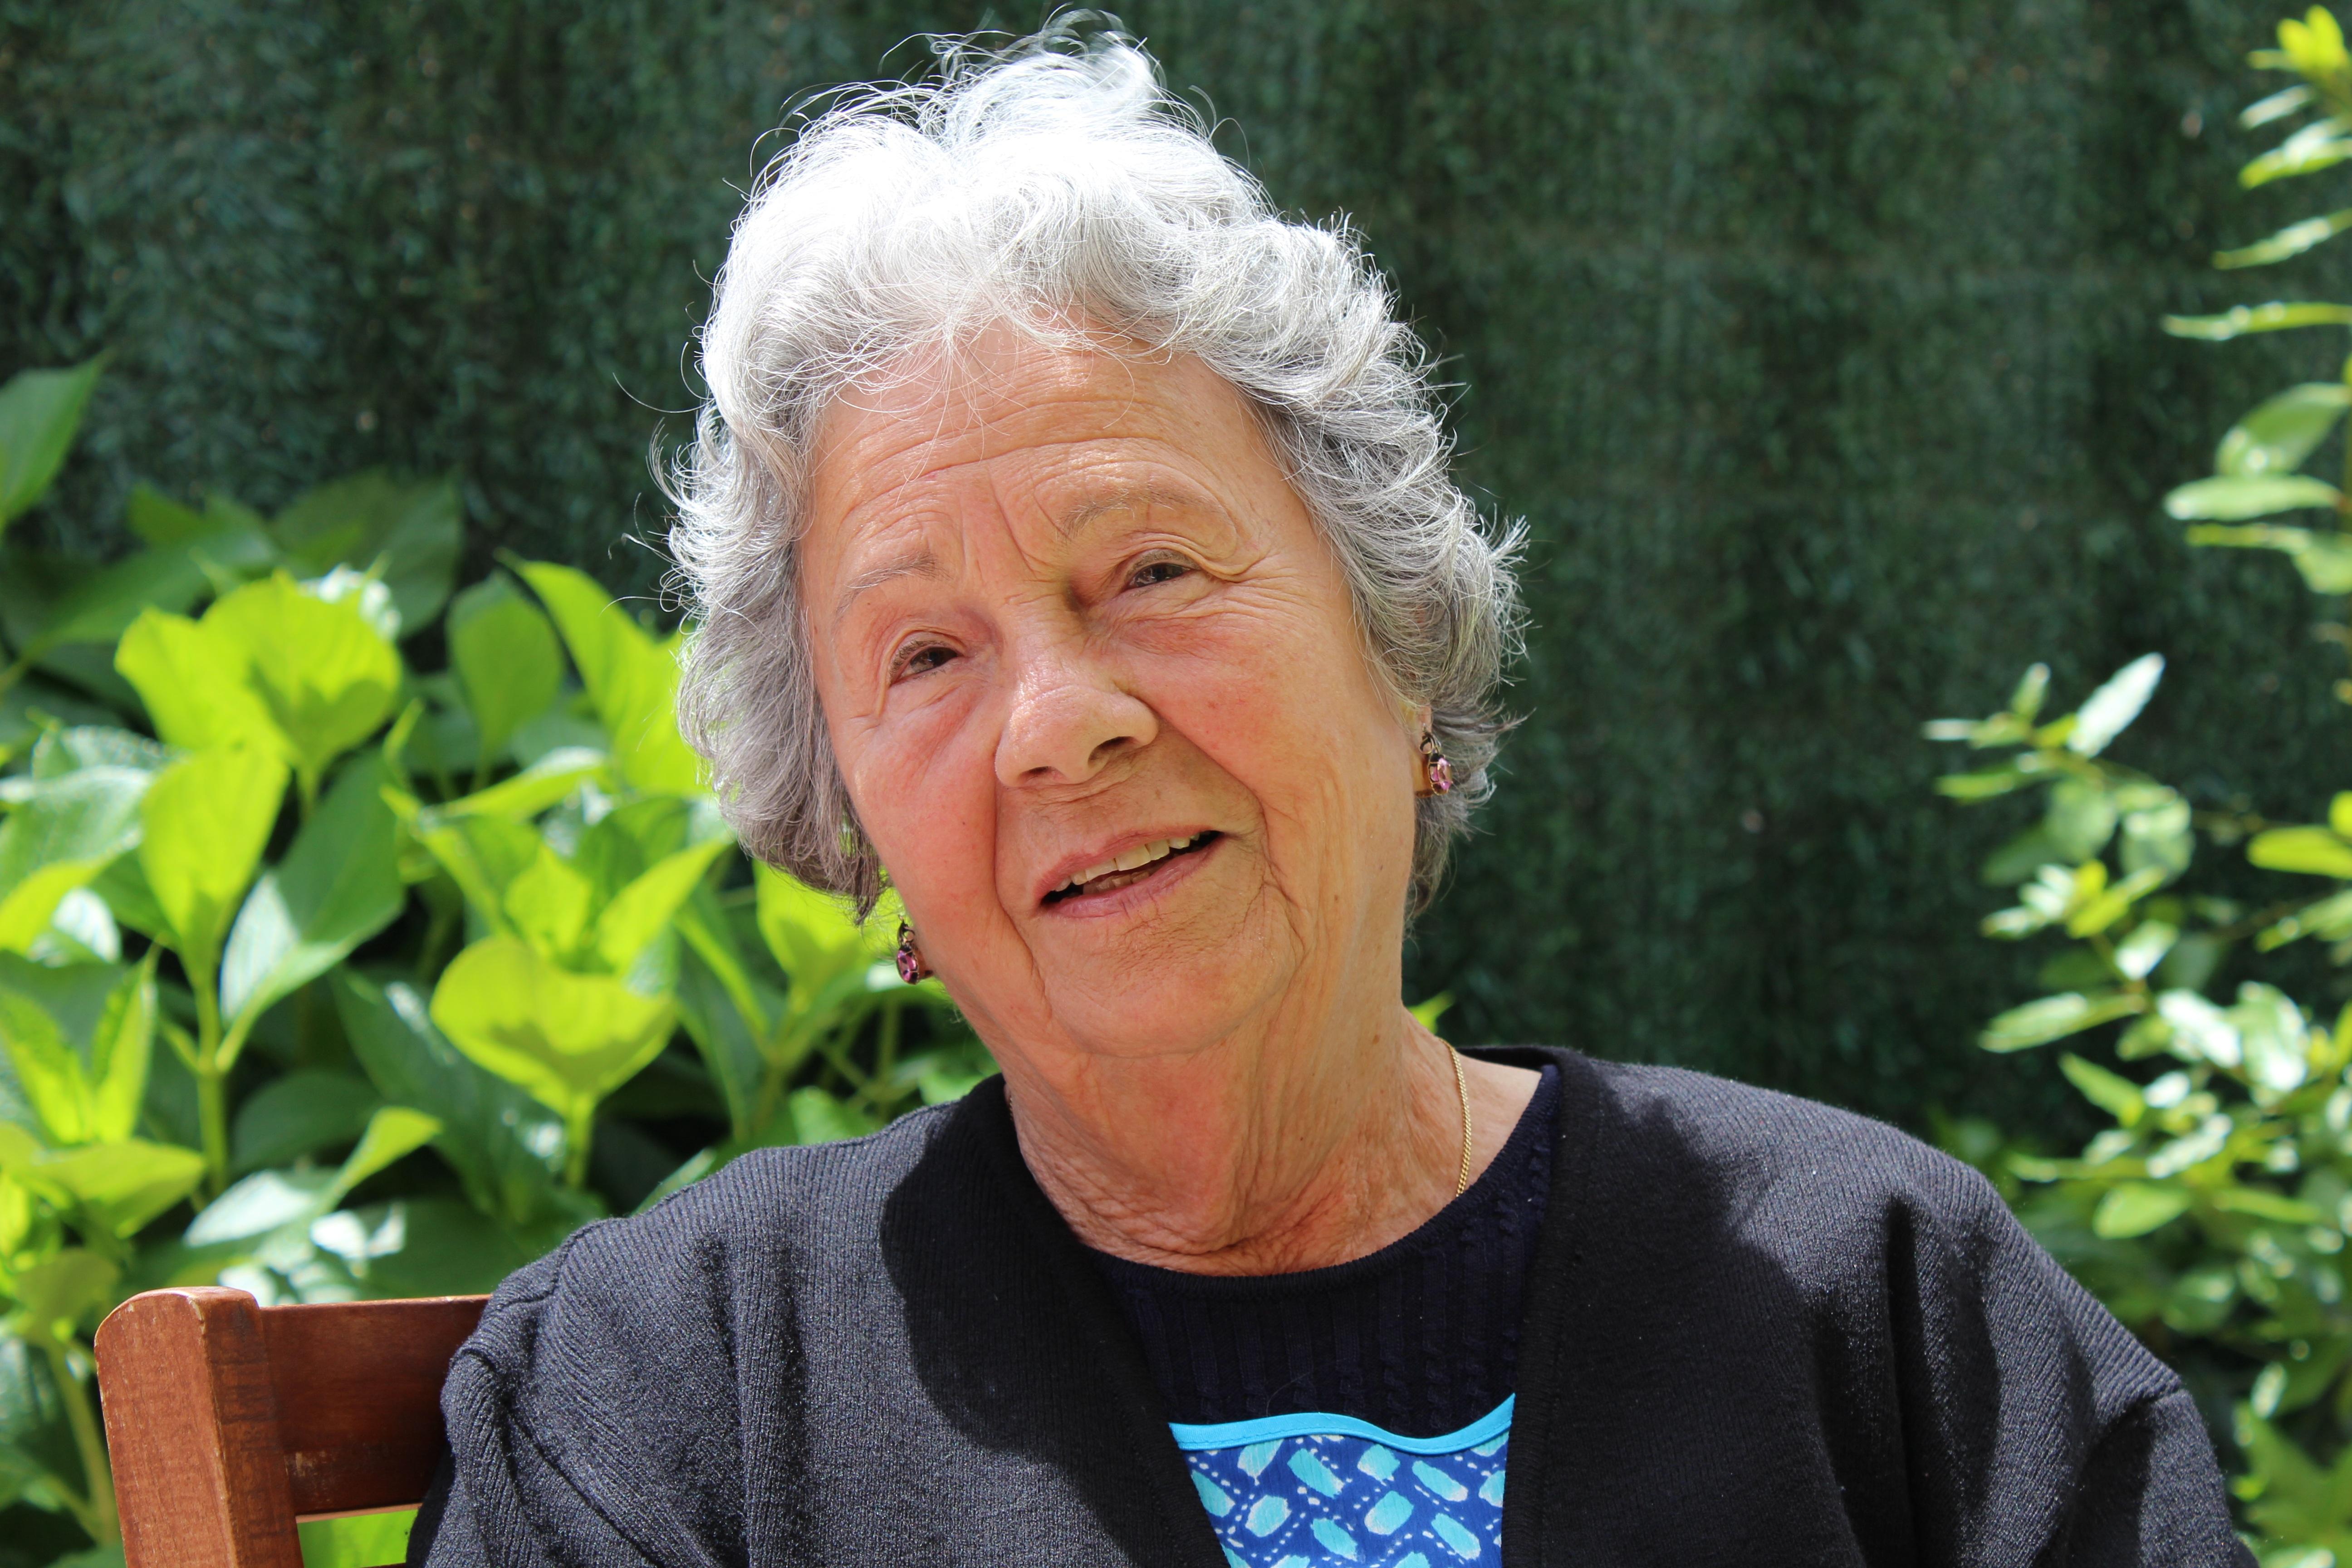 f918e4f0be személy emberek növény virág nagymama nyugdíjas öreg kor nagyszülő idős  asszony